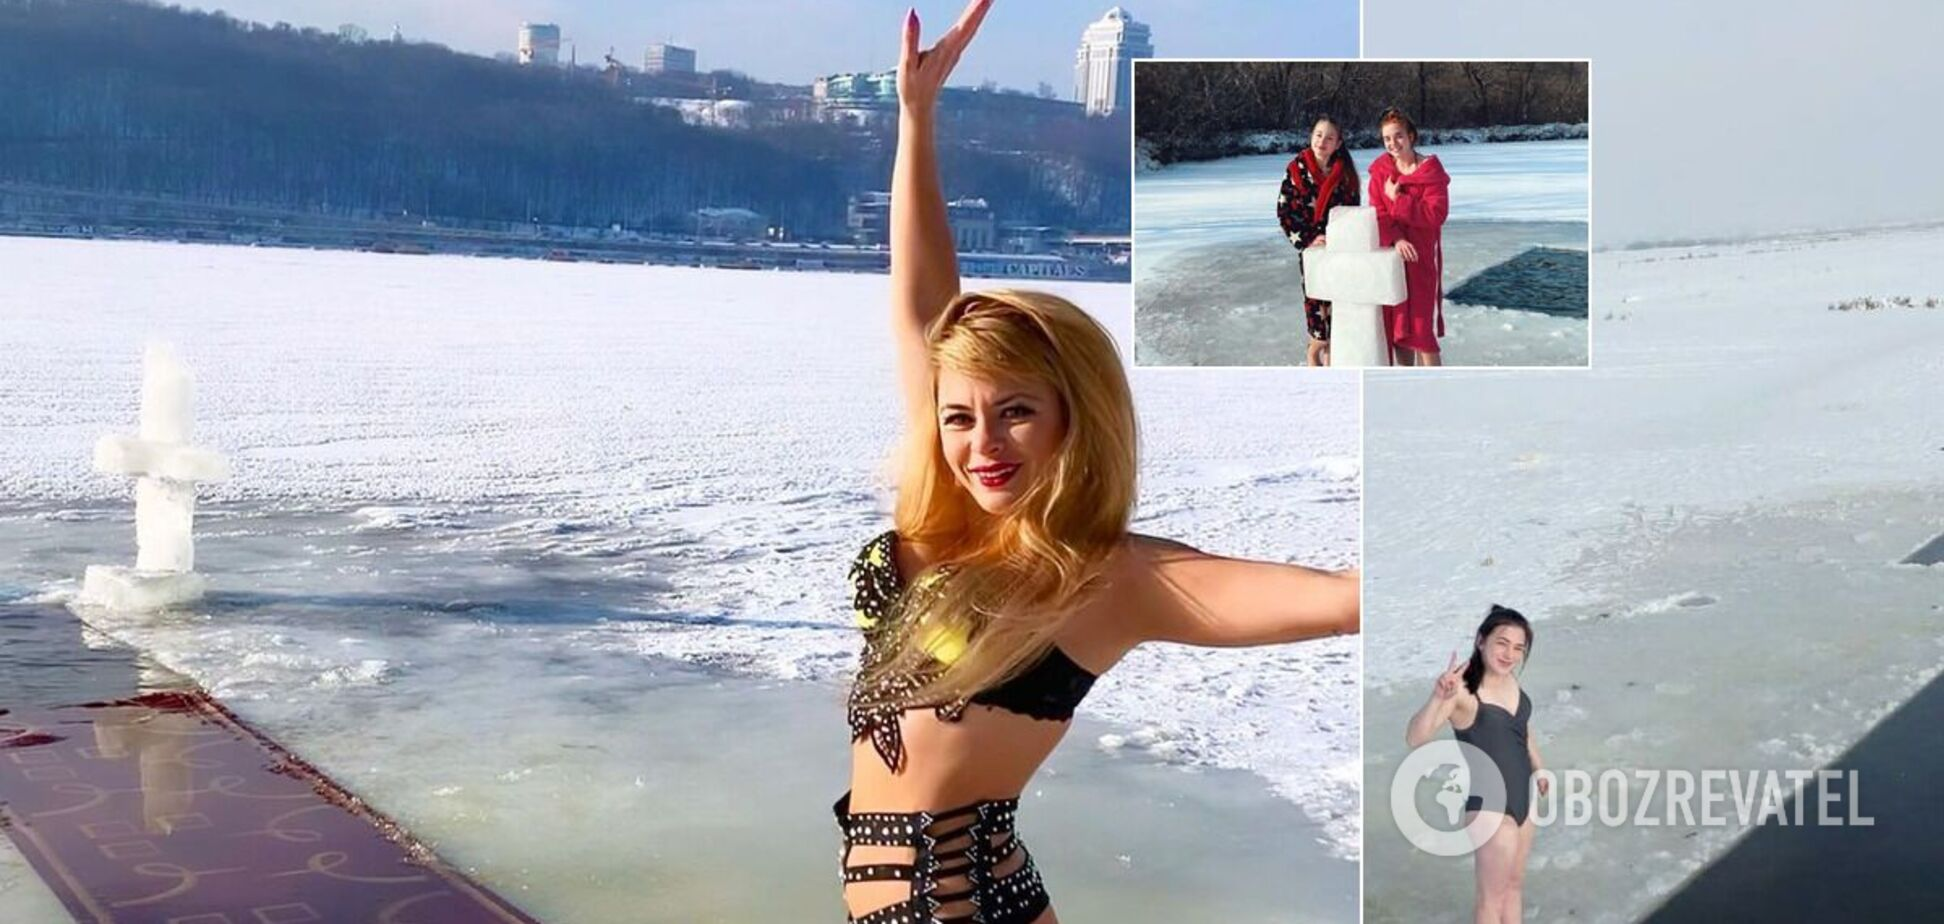 Как украинки ныряли в проруби на Крещение: появились фото красивых девушек